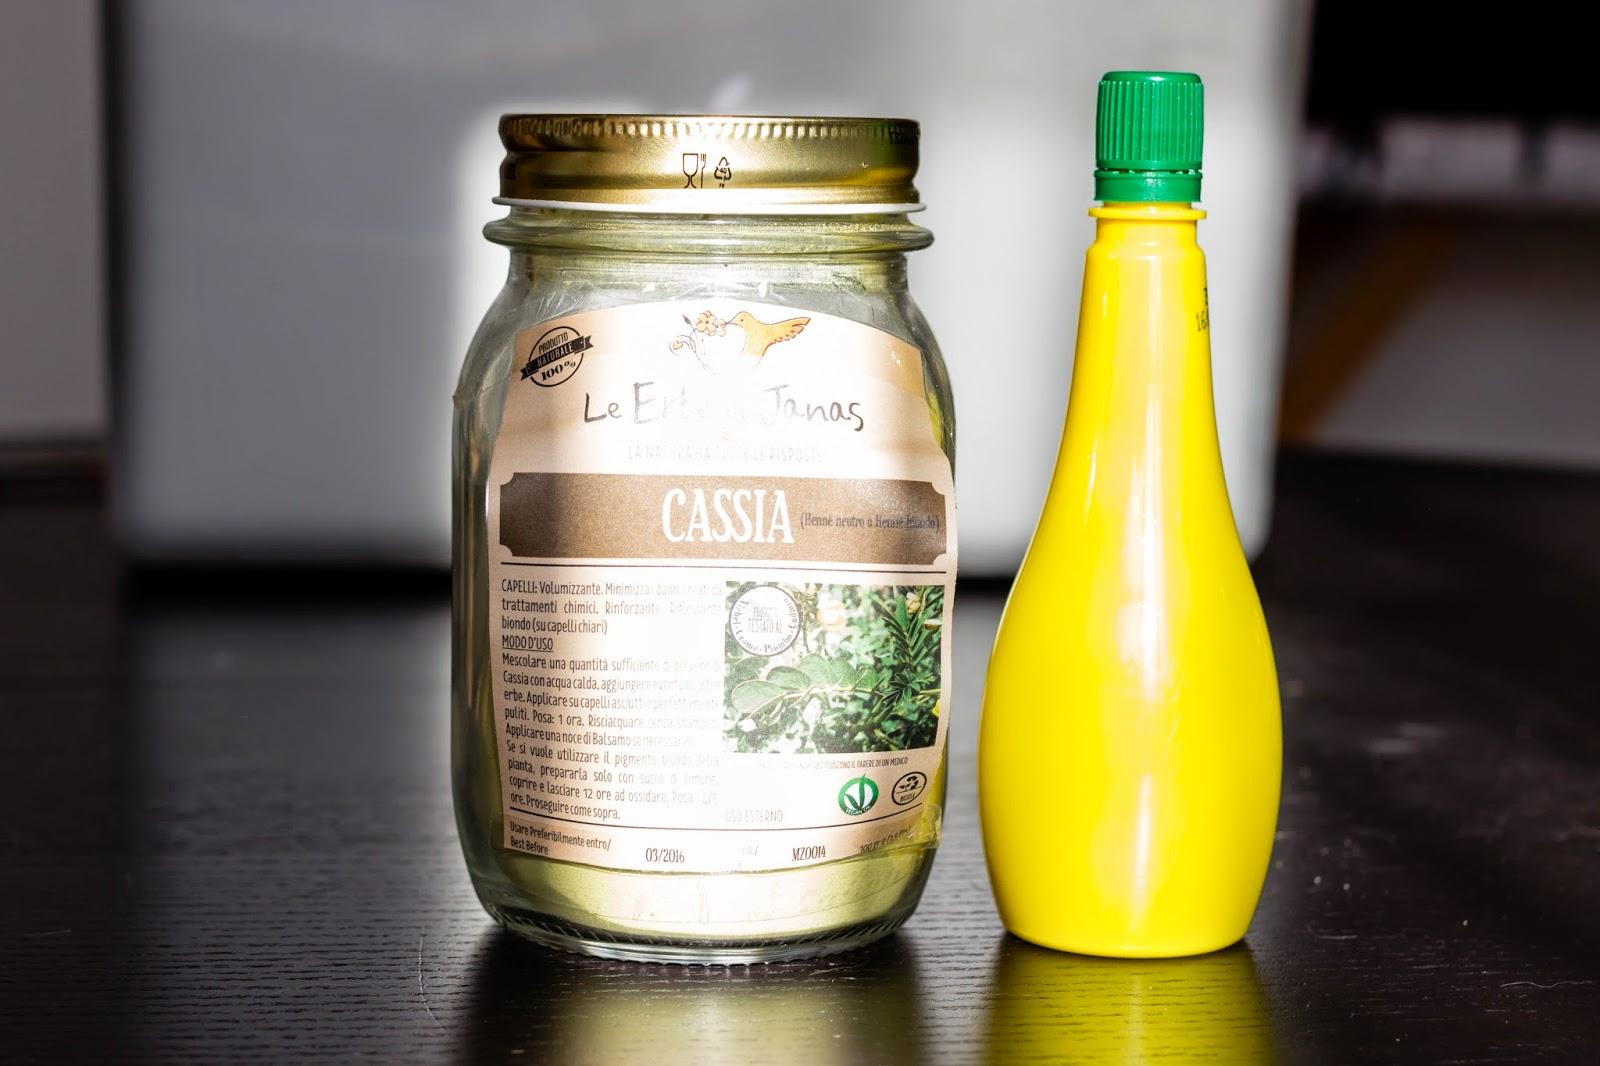 Pasticciamo con le erbe - Cassia